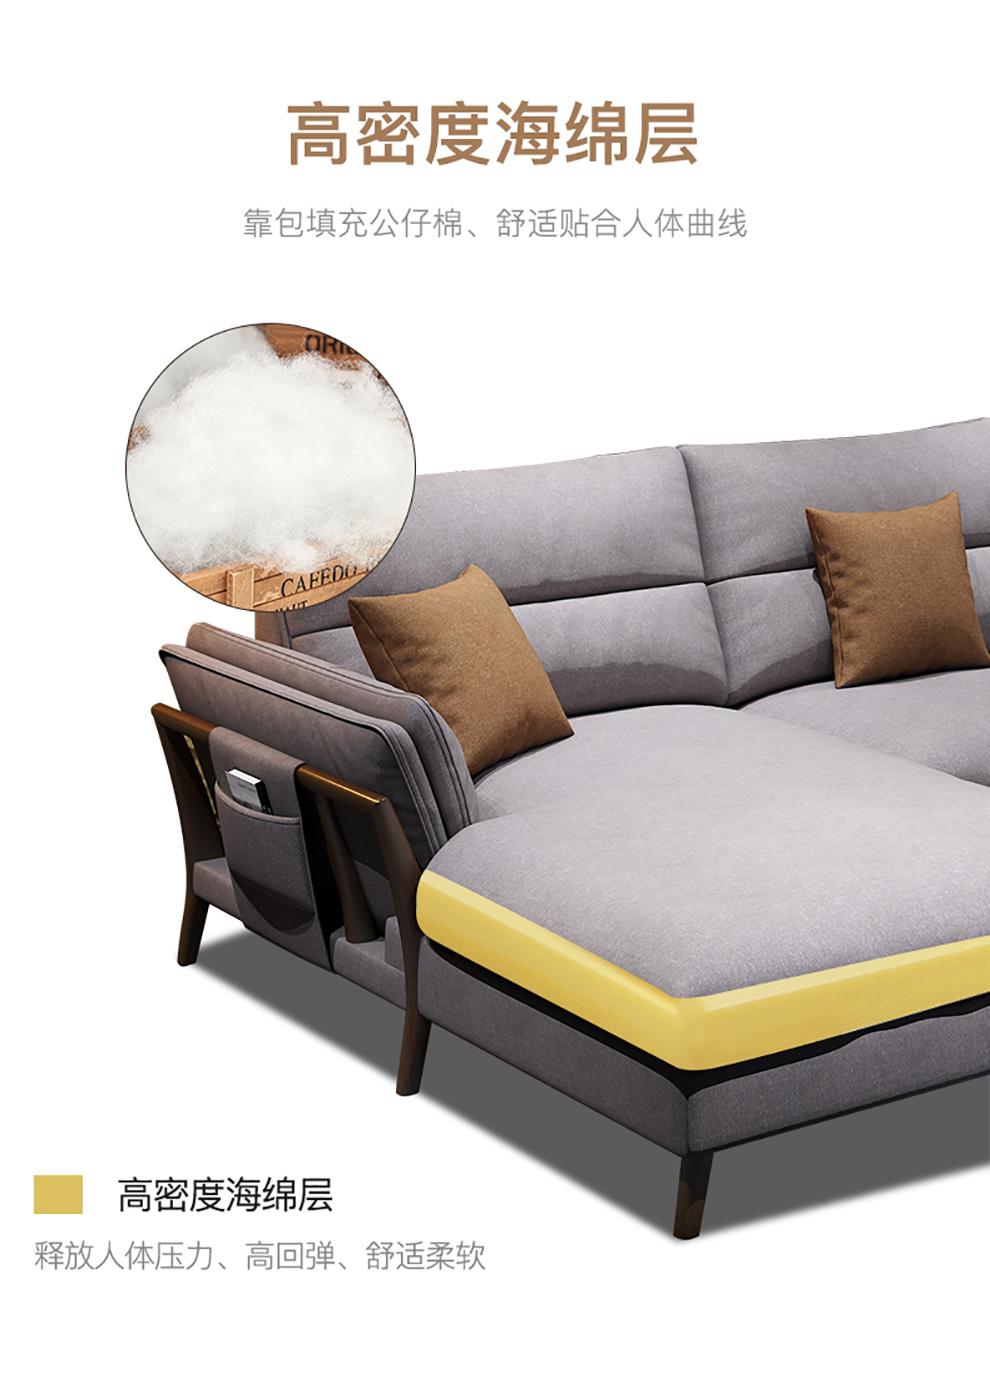 吉斯 沙发 布艺沙发 现代简约客厅组合北欧沙发l型转角组沙发大小户型